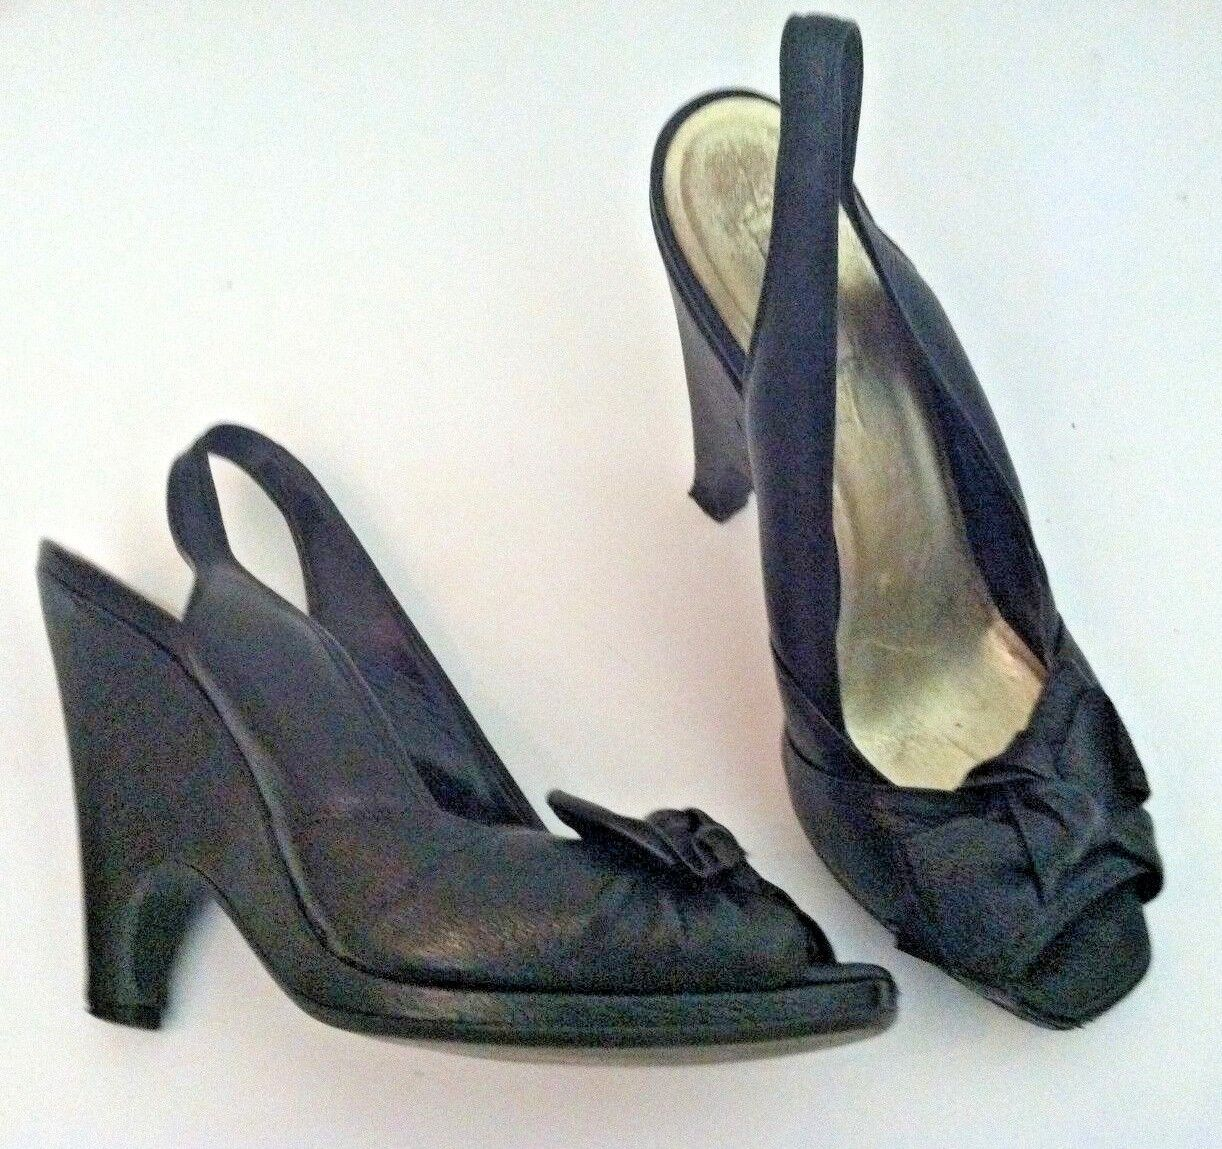 Miu Miu 37.5 6.5  schwarz Leder pin up high heel bow slingback peep toe